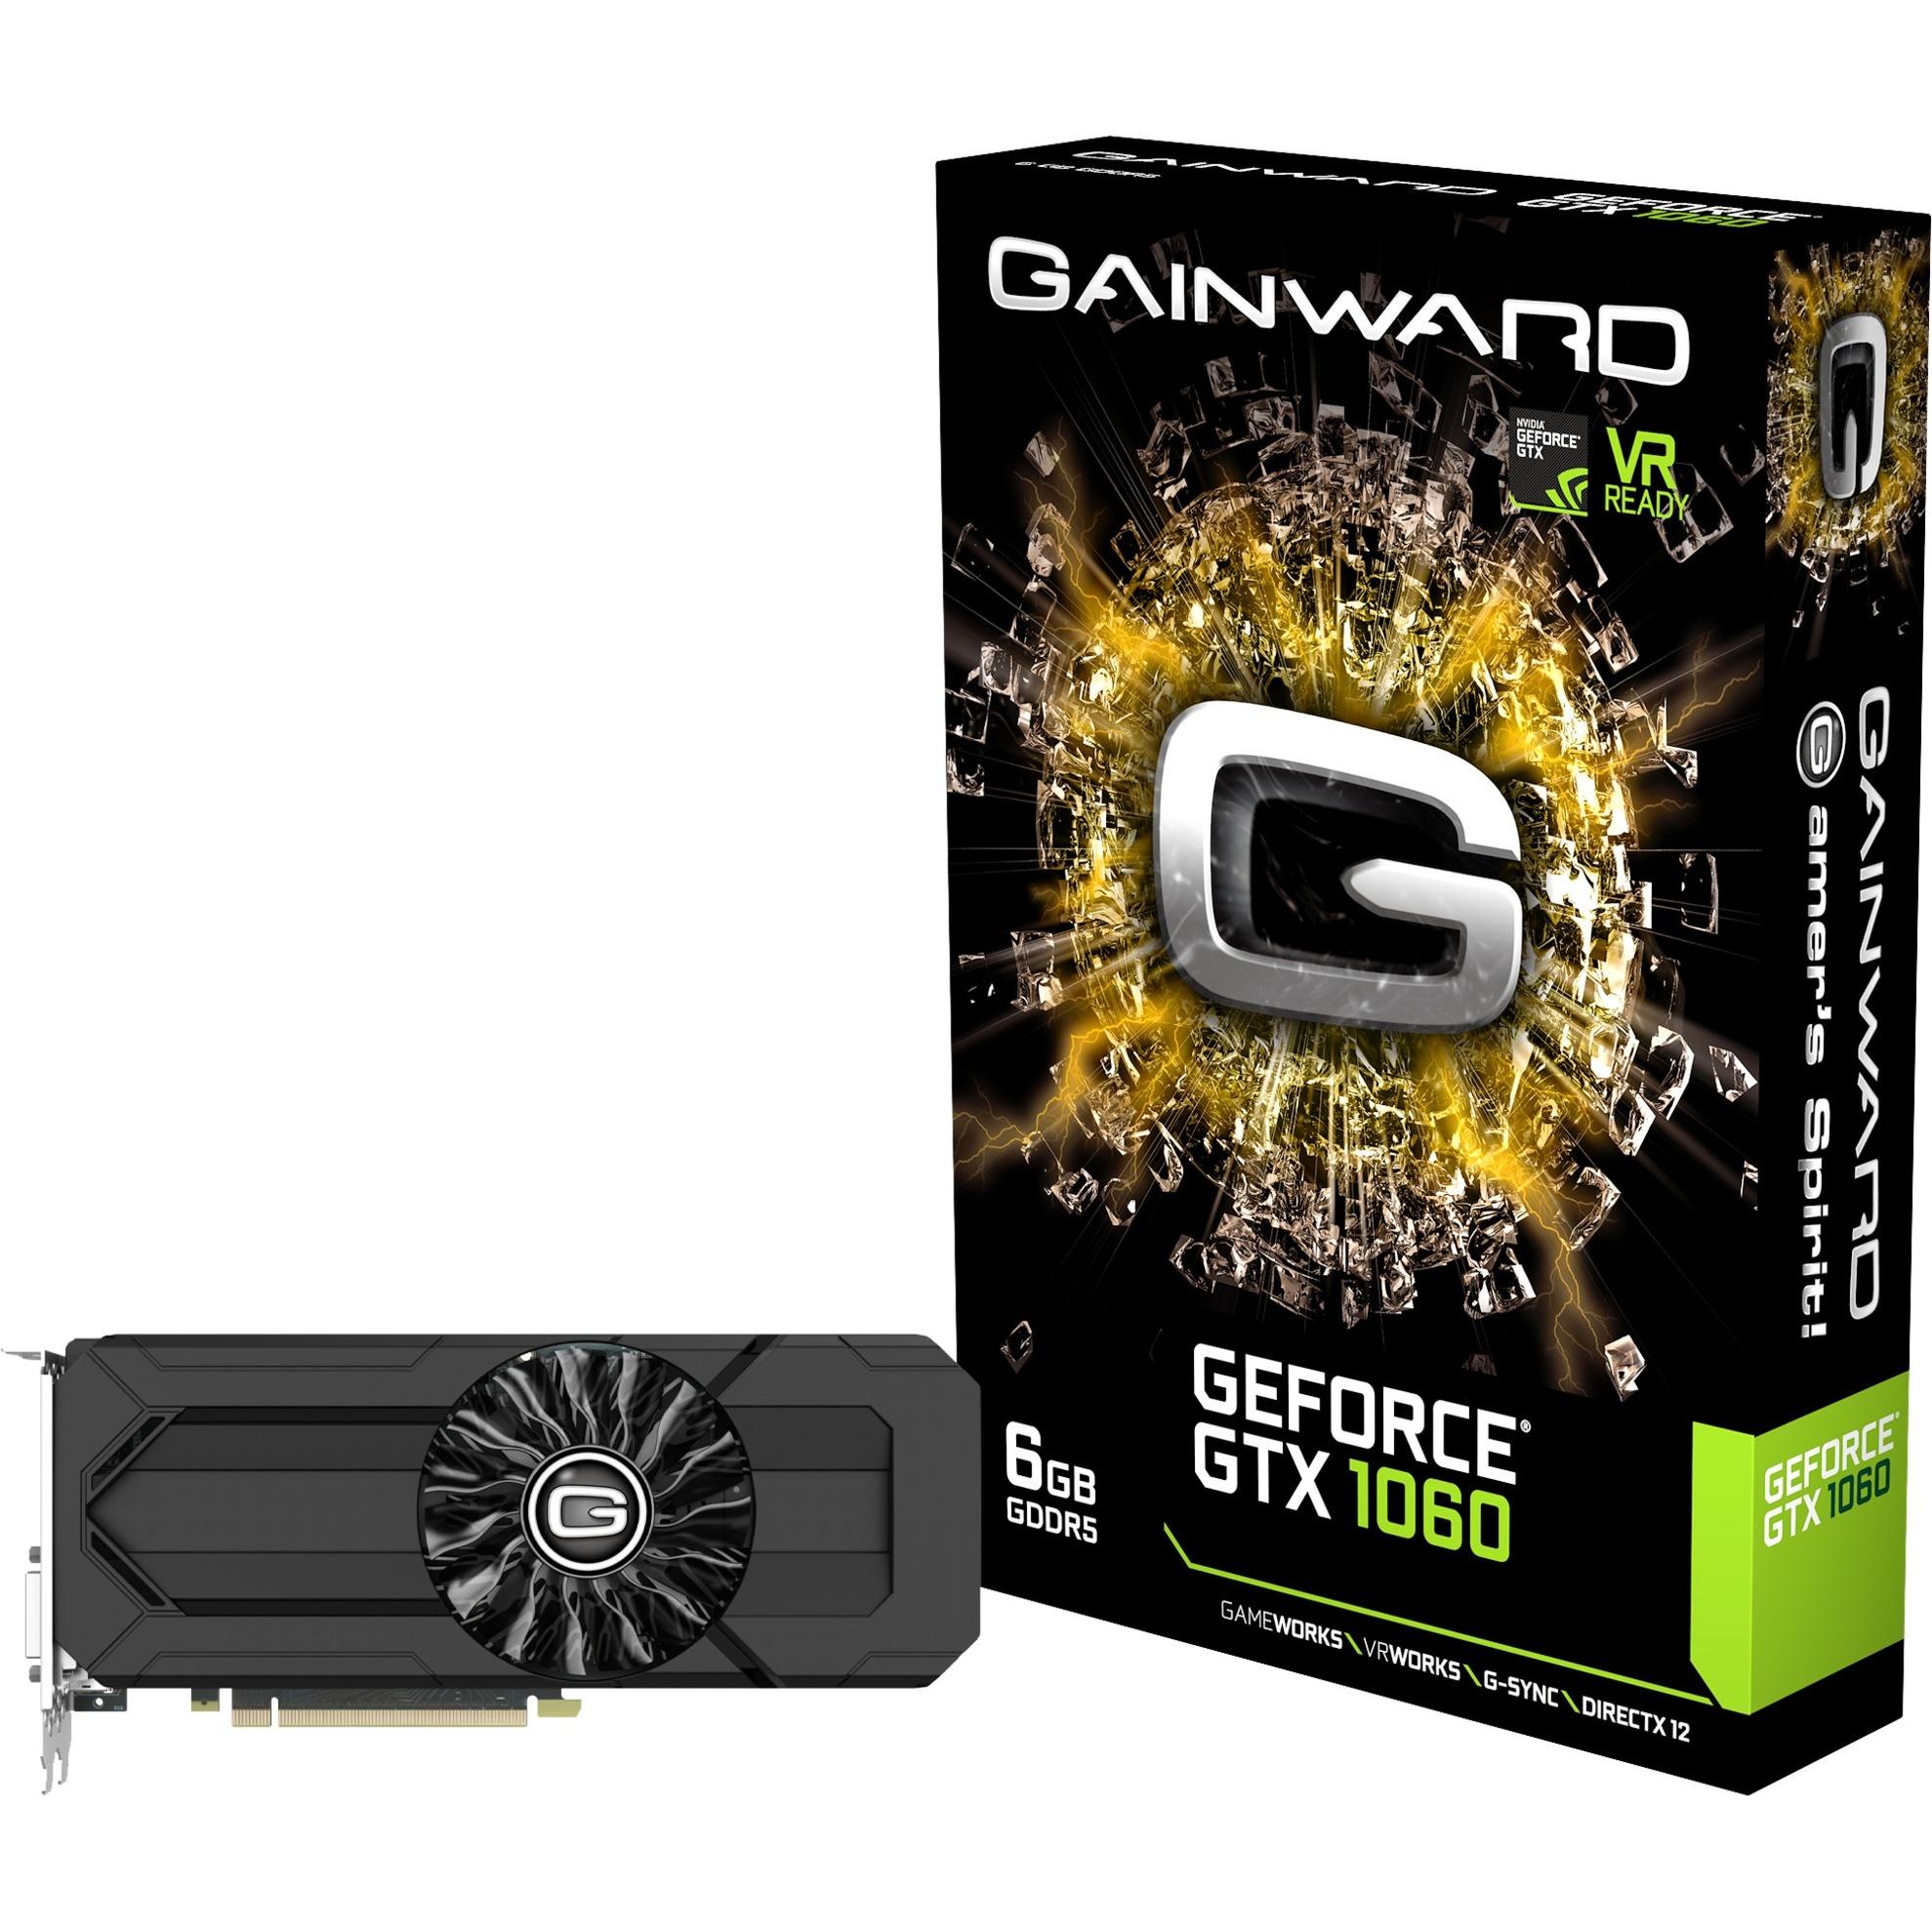 426018336-3804 GeForce GTX 1060 6GB GDDR5 tarjeta gráfica